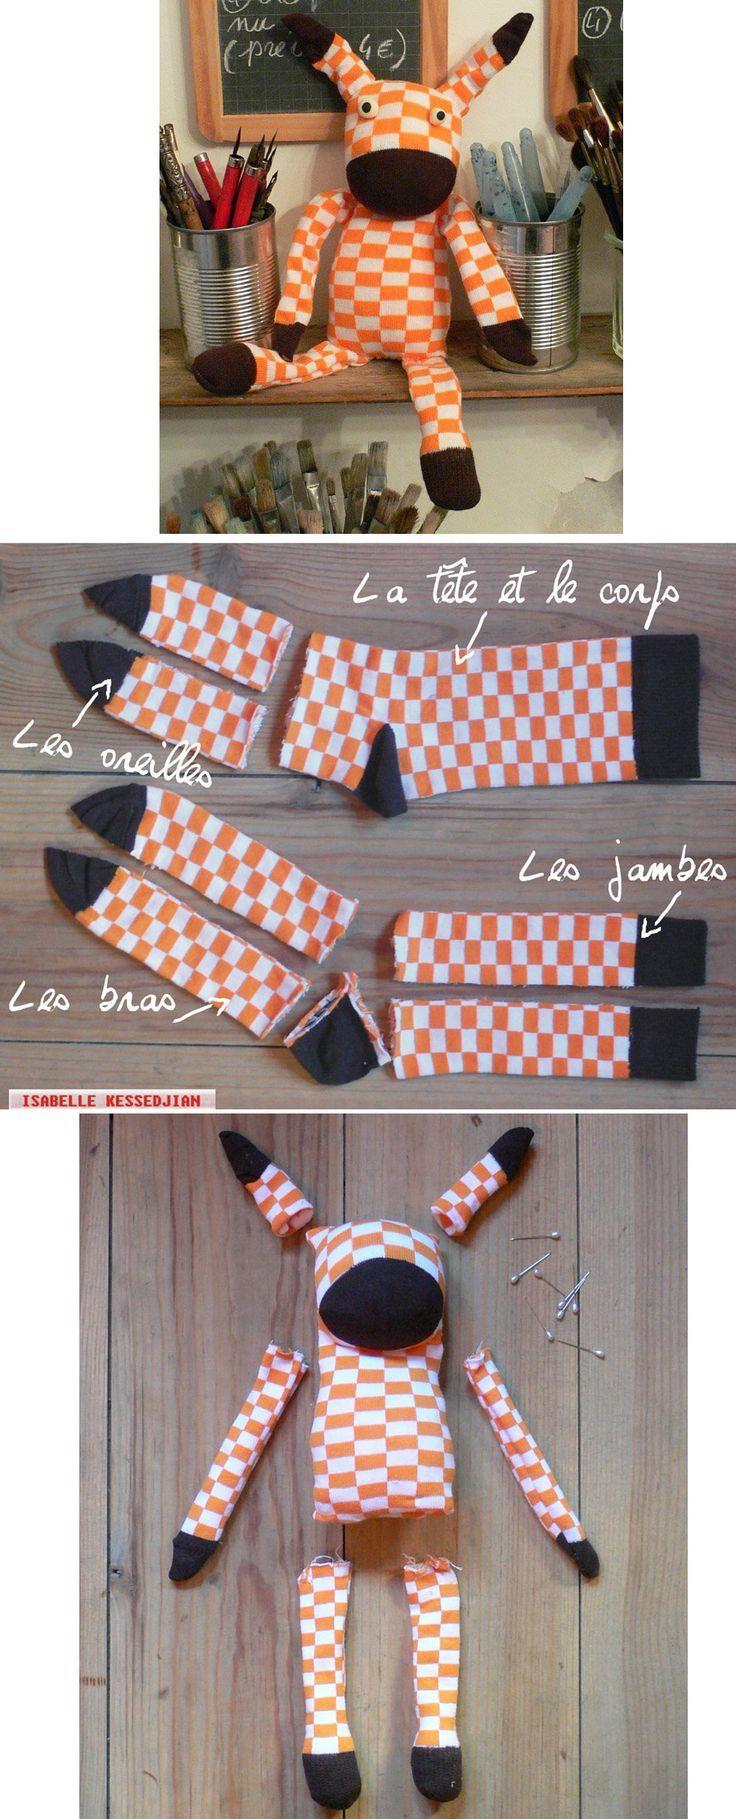 Procurez-vous une paire de chaussette à rabais ou provenant du magasin à 1$ pour fabriquer une peluche amusante! Osez les couleurs! Vous n'auriez probablement jamais porté des chaussettes de ces couleurs! Orange et brun, on les croirait tout droit so